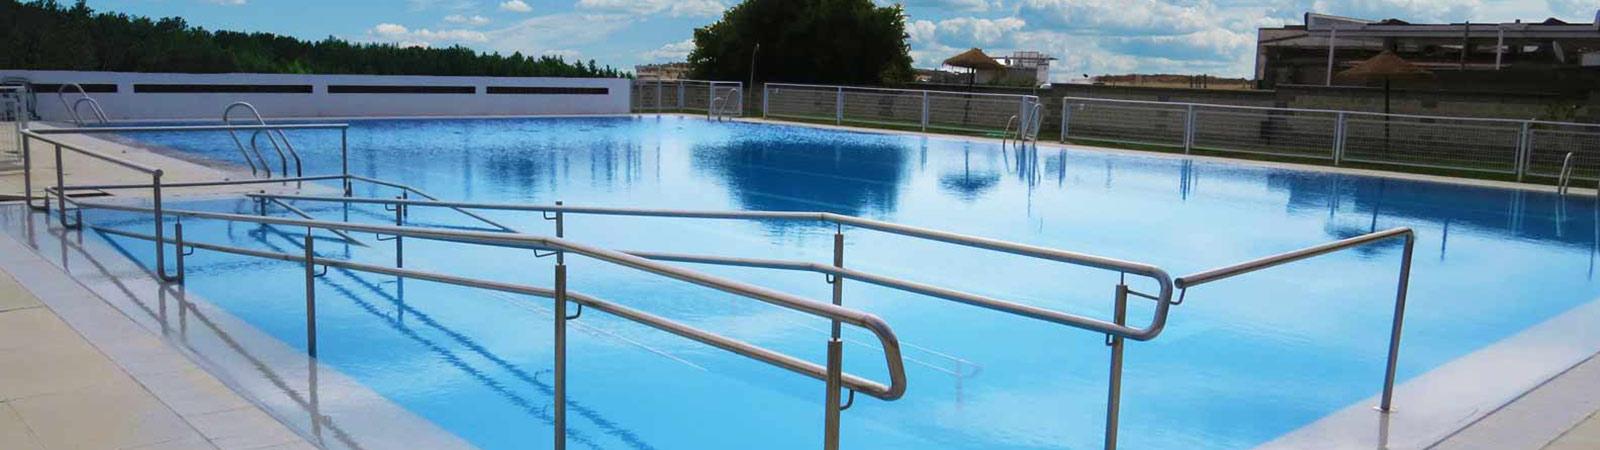 piscina_slider